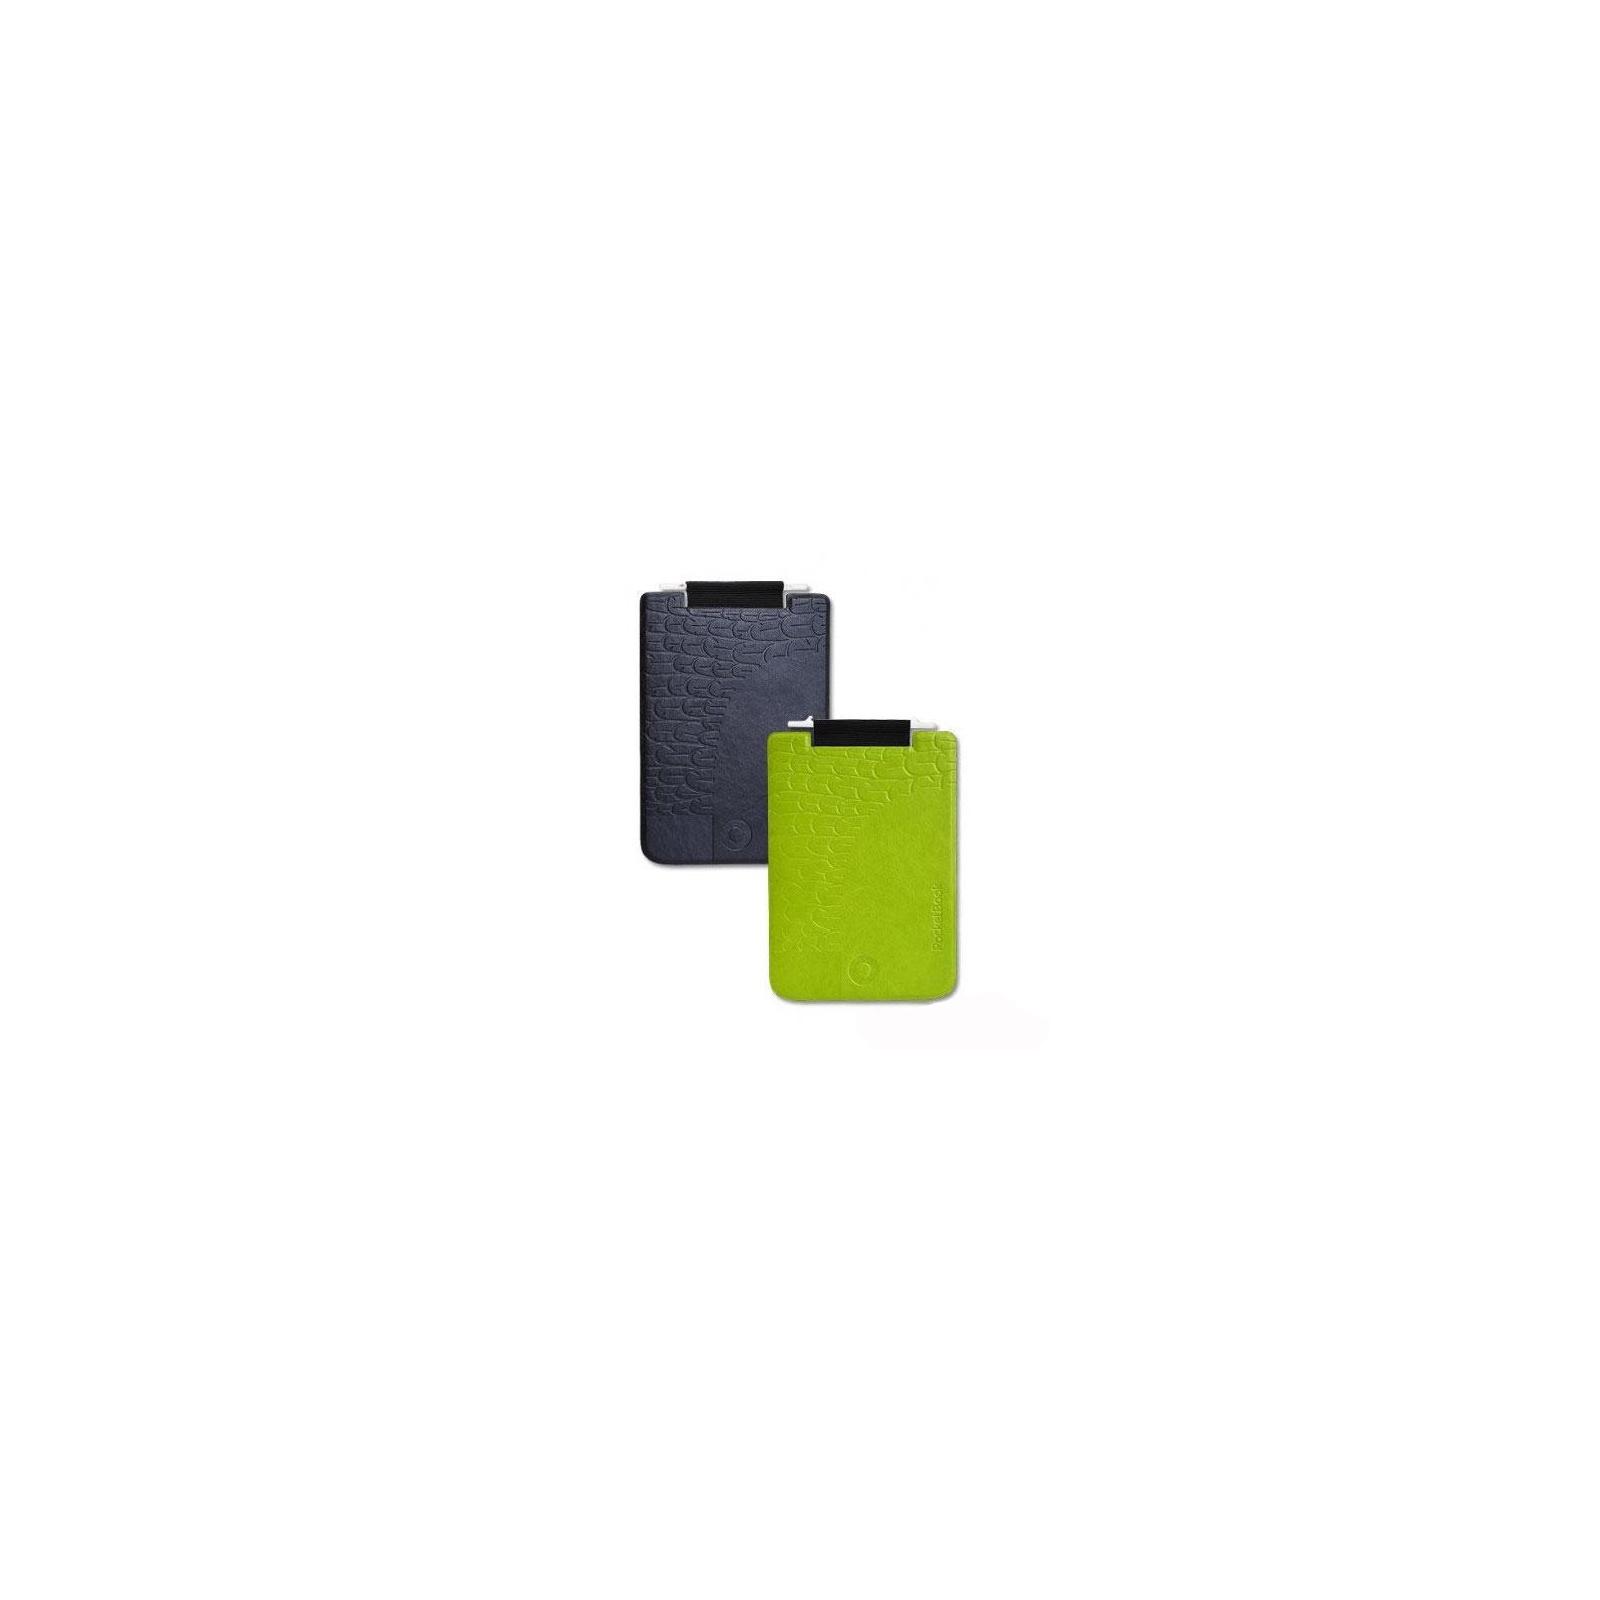 Чехол для электронной книги PocketBook PB515 Mini Bird green/black (PBPUC-5-GRBC-BD) изображение 3